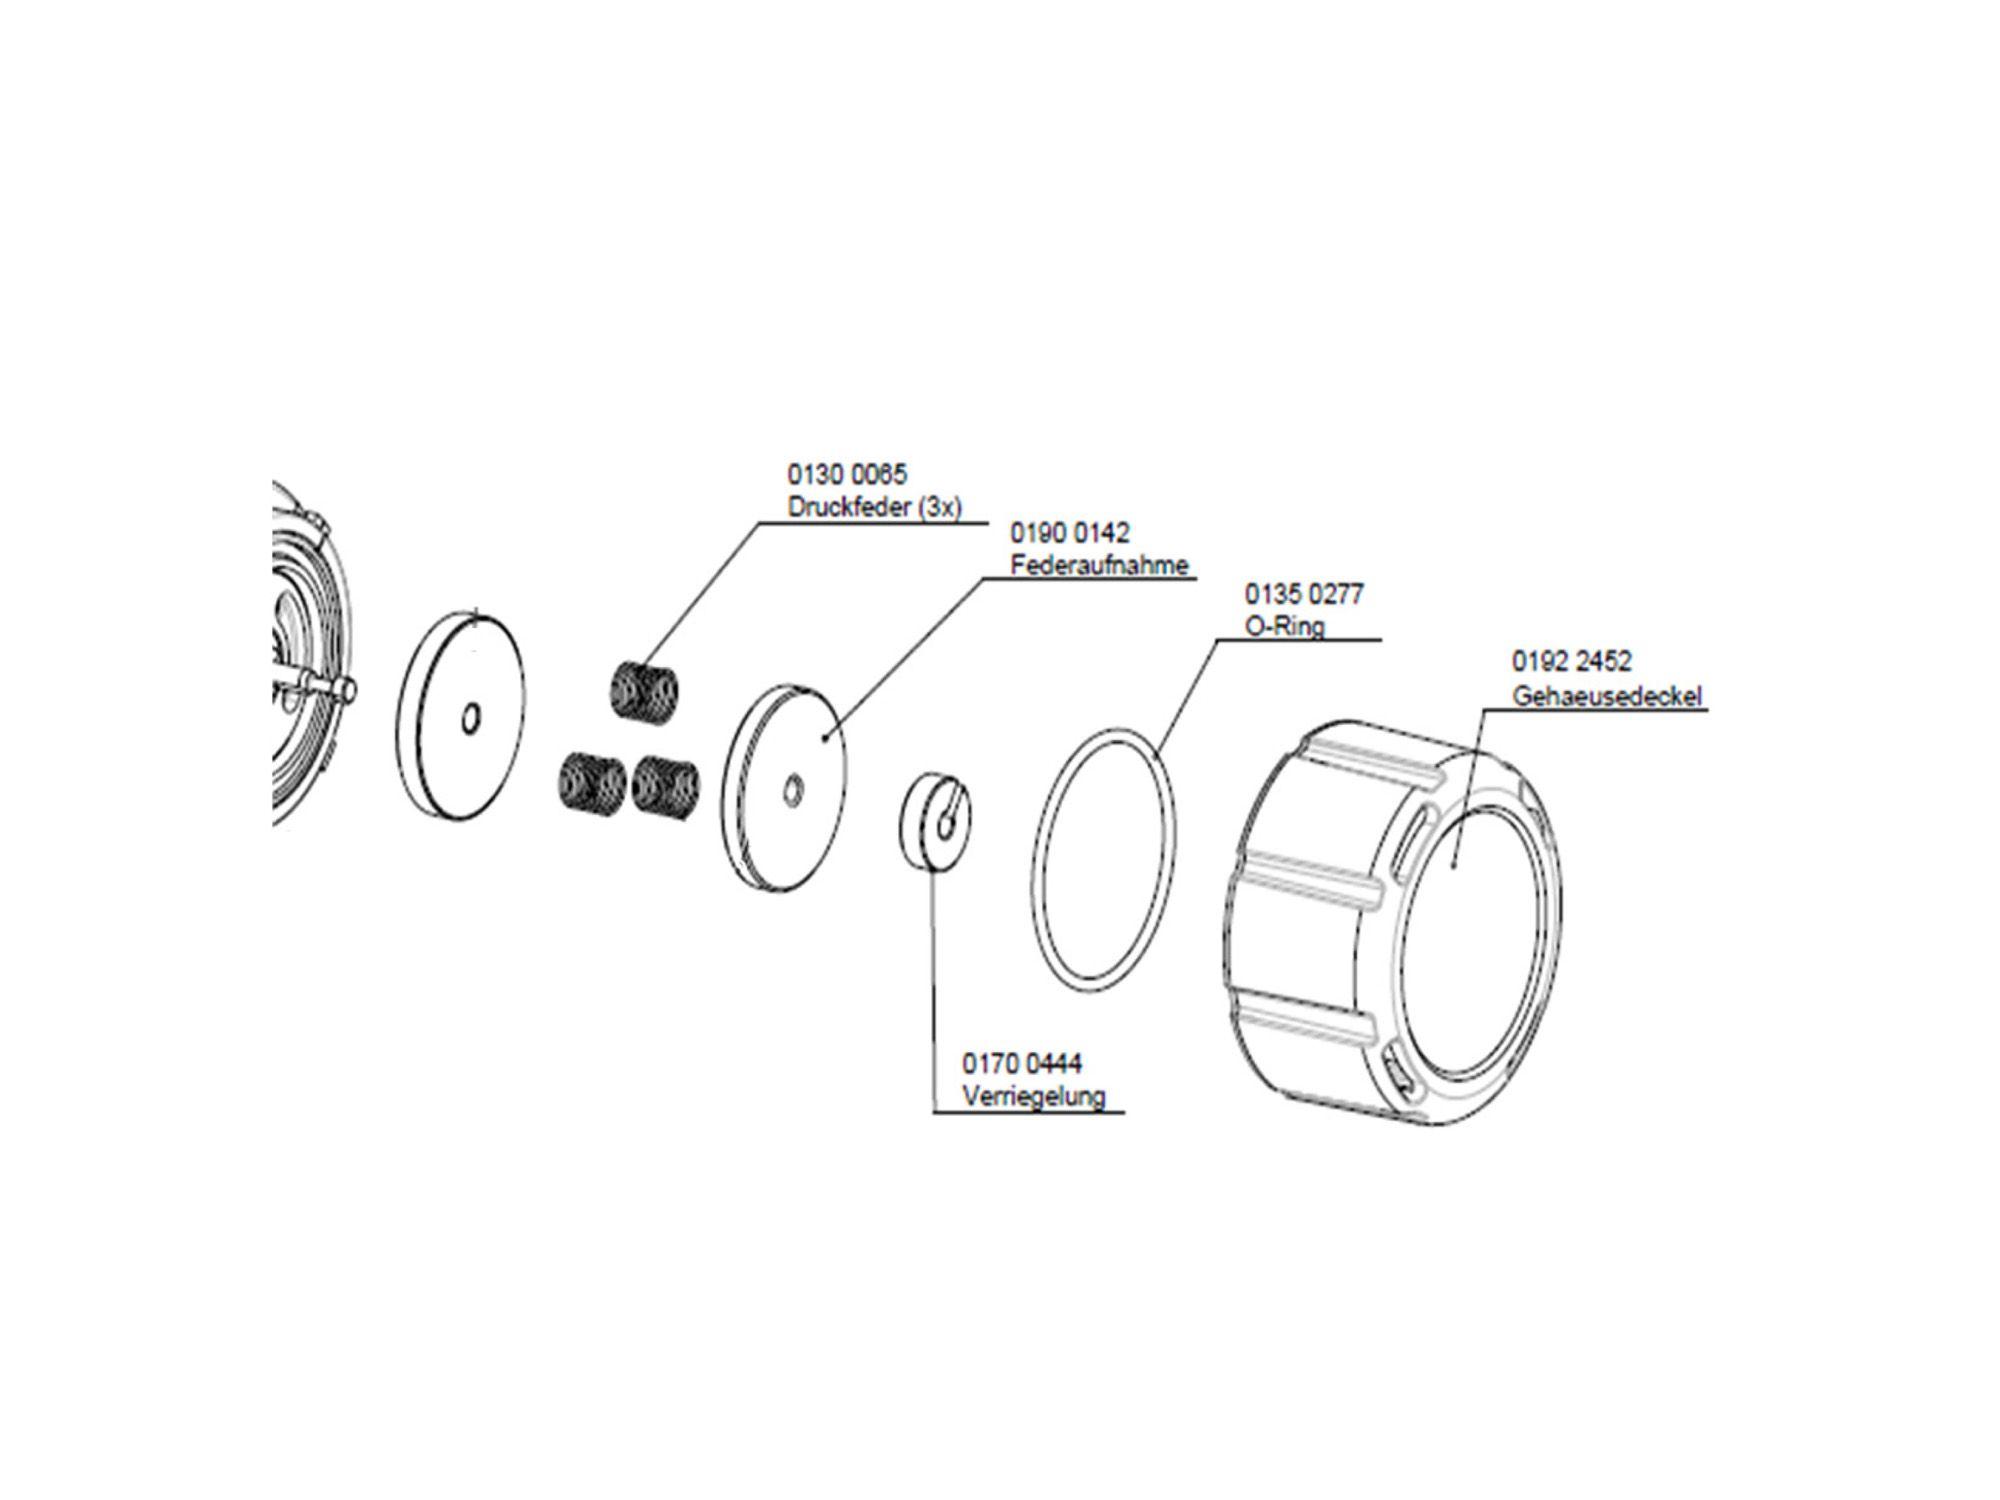 testo-380-baumwollfilter-technische-zeichnung.jpg